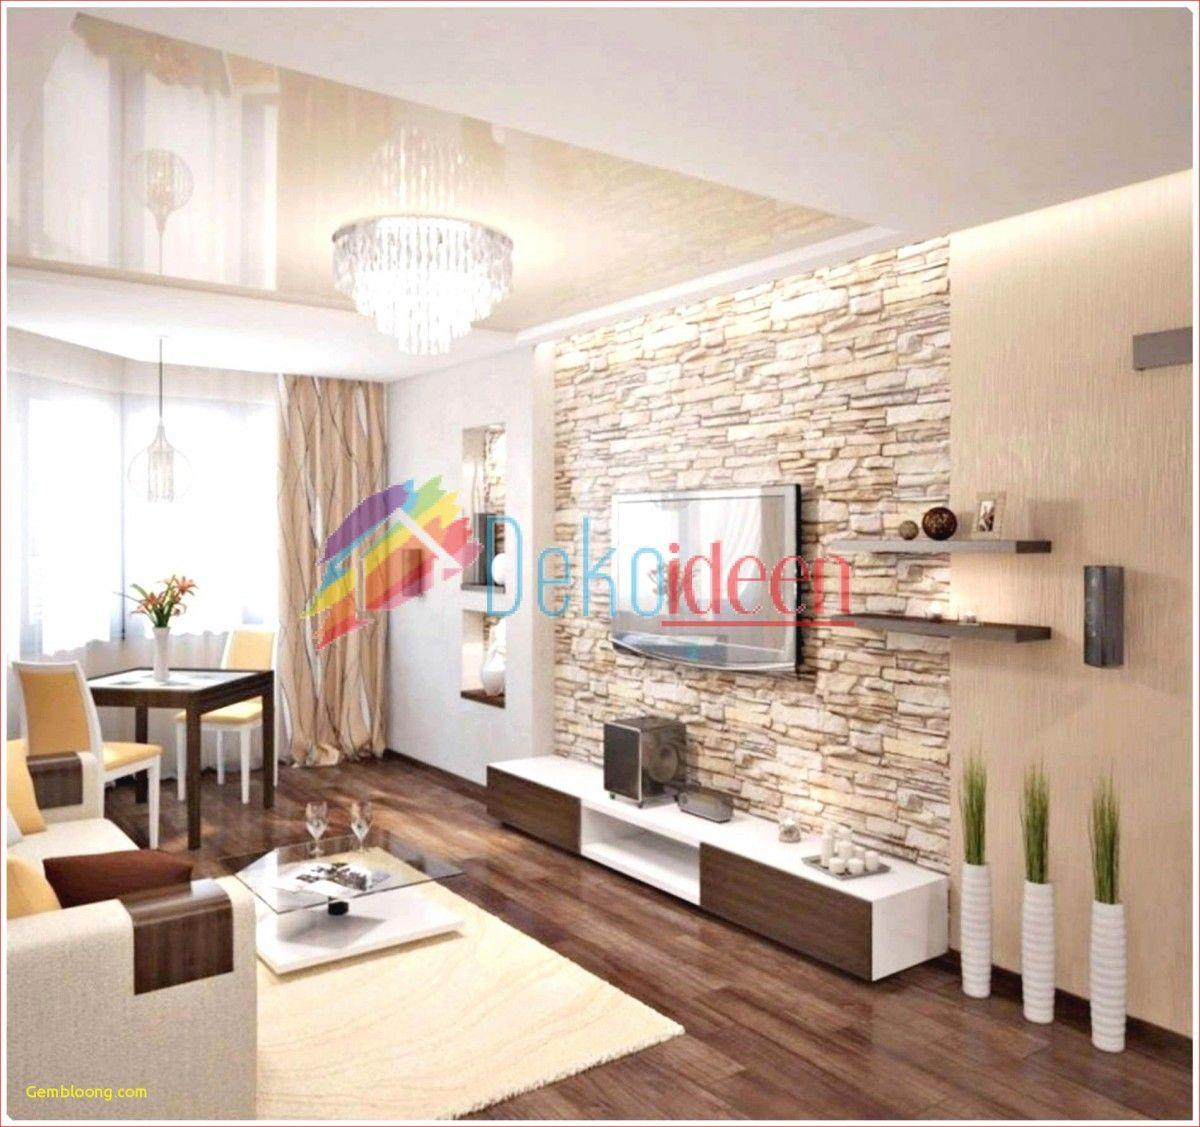 10+ deko für wohnzimmer wände ideen  Living room decor modern